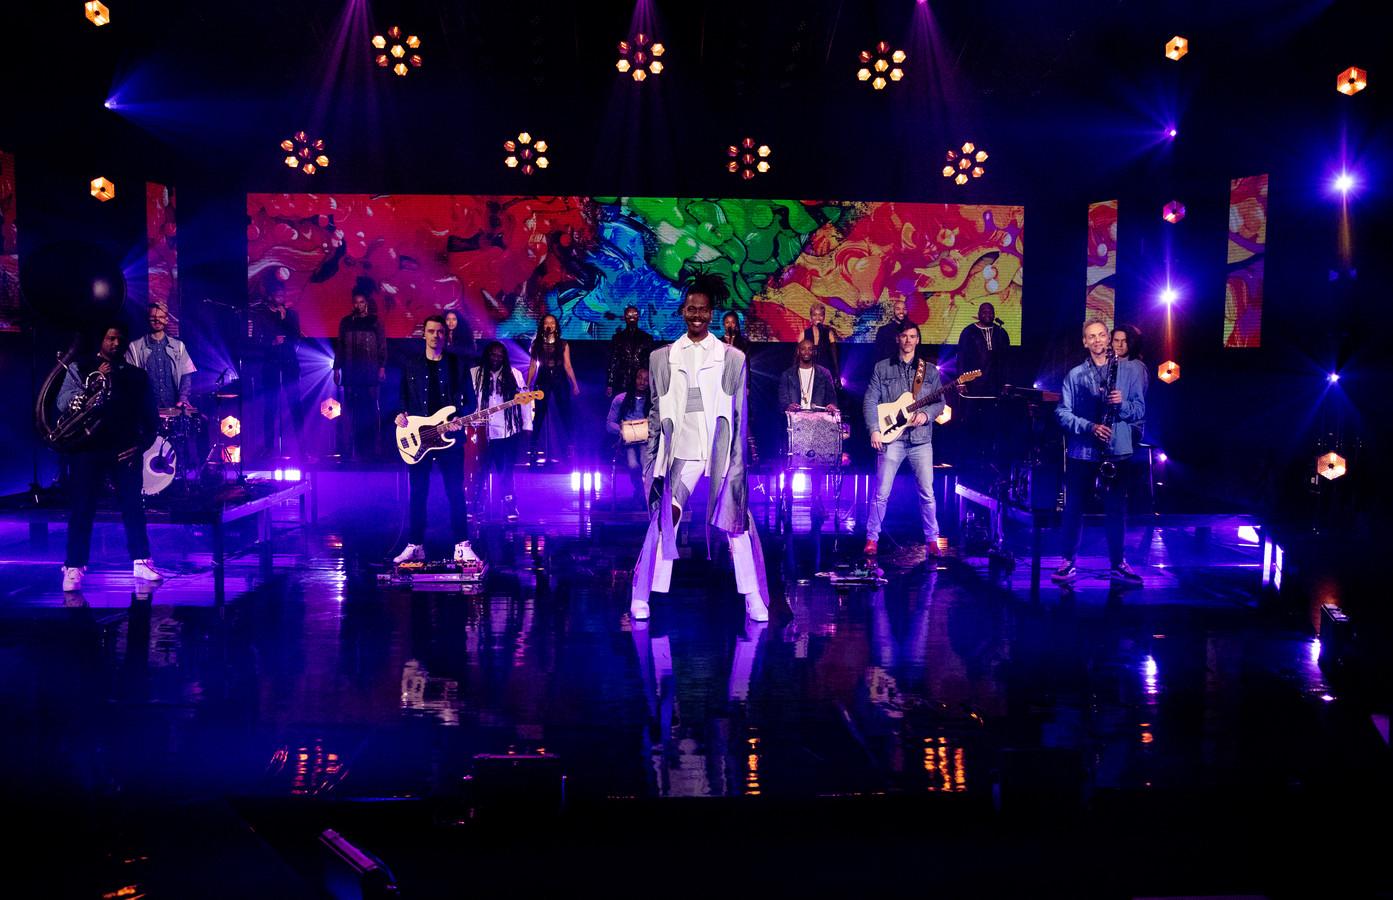 De presentatie van het Eurovisie Songfestival lied van Jeangu Macrooy. Het decor is ontworpen door Mark Vankan en Reinier Reynhout van Maincourse in Eindhoven. Zij maken ook het decor bij de échte show in mei.